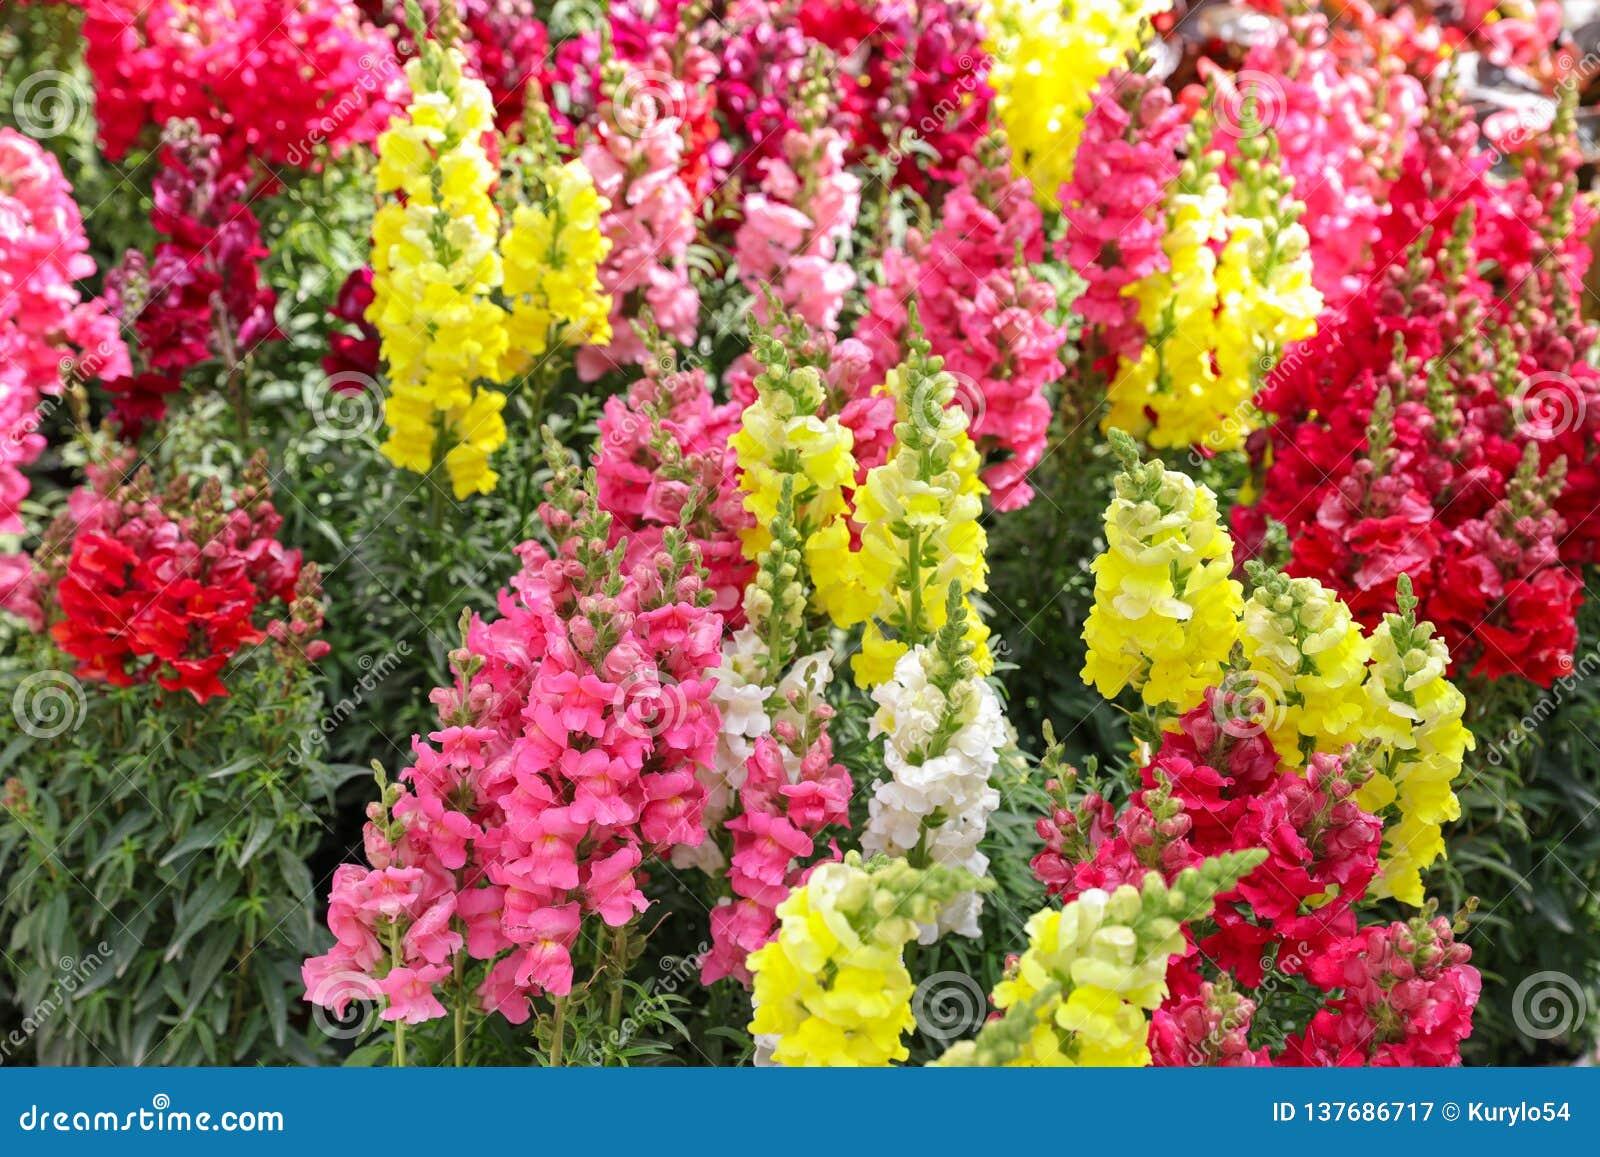 Variété De Beau Majus De Muflier Ou Fleurs De Muflier Rouges ...